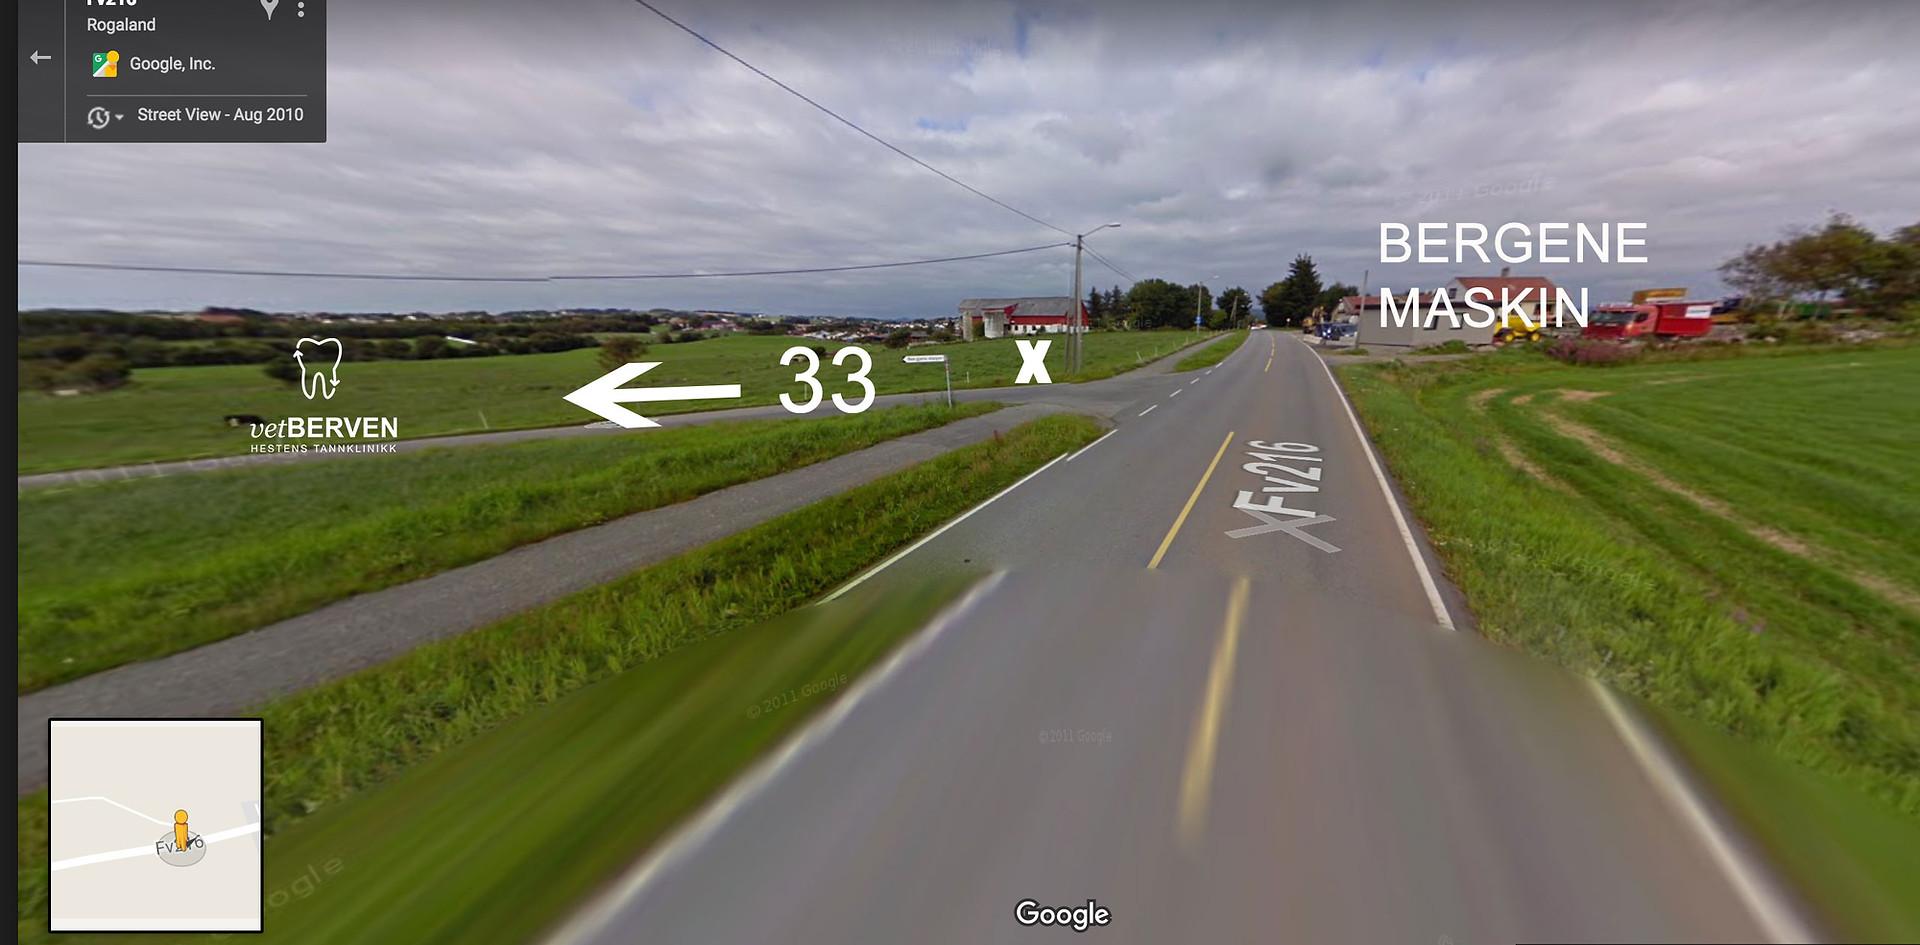 Bergene Maskin - motsatt side avkjørsel til nr. 33